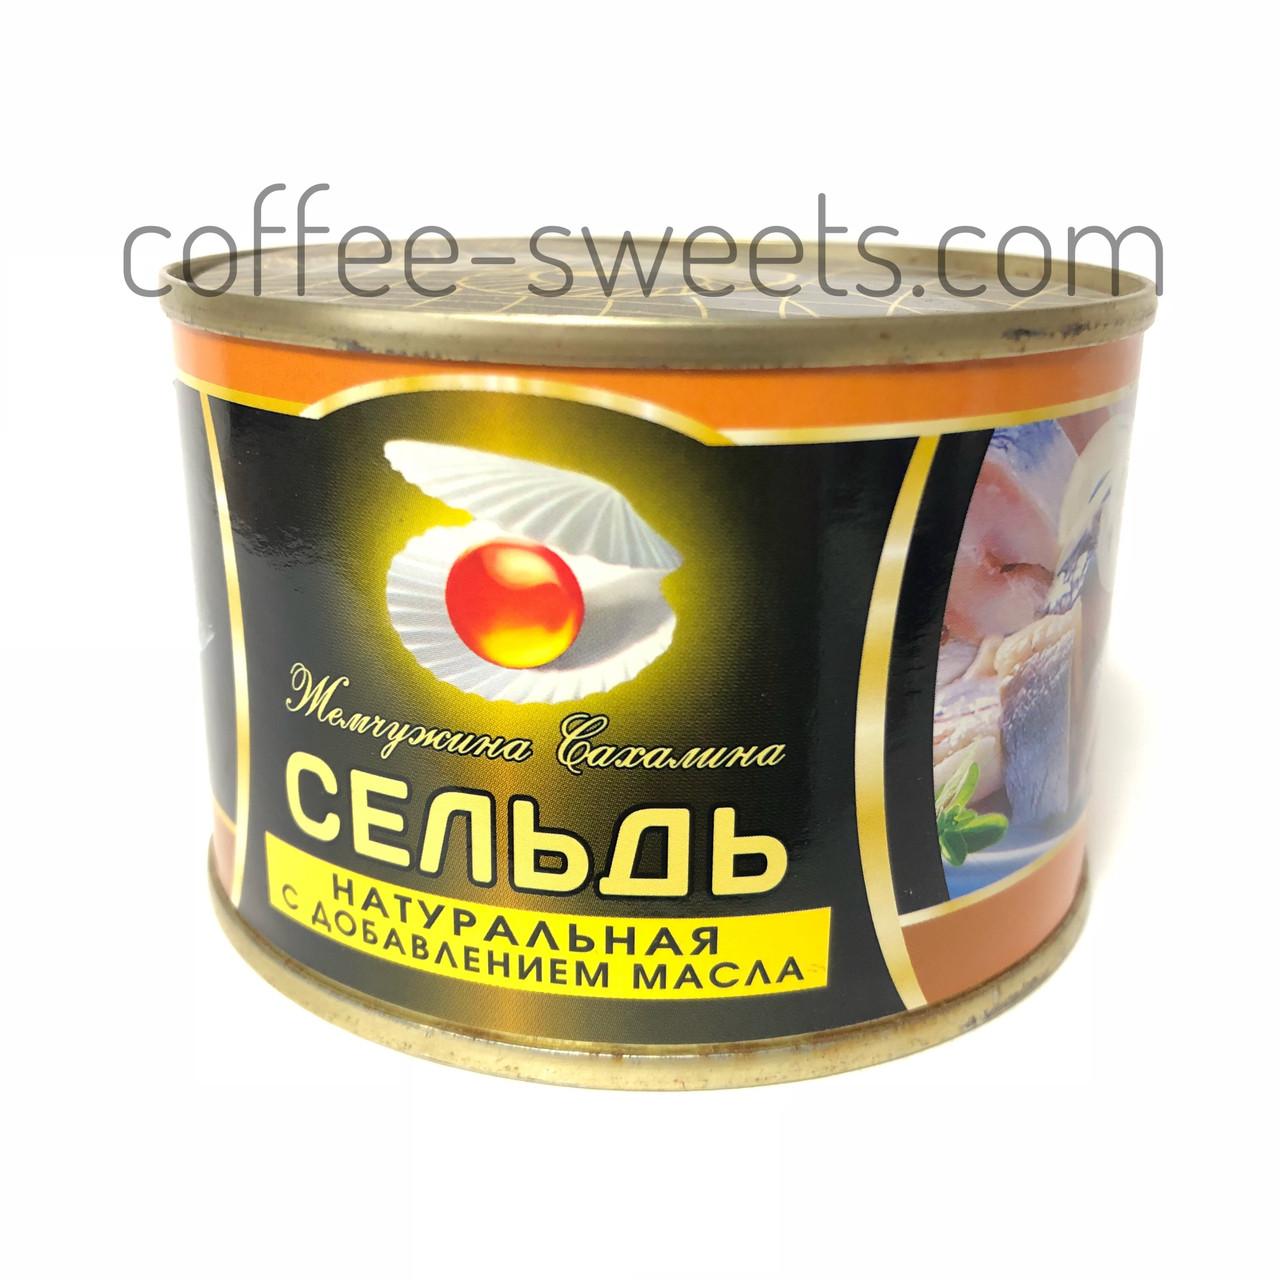 Сельдь Жемчужина Сахалина с добавлением масла 245гр